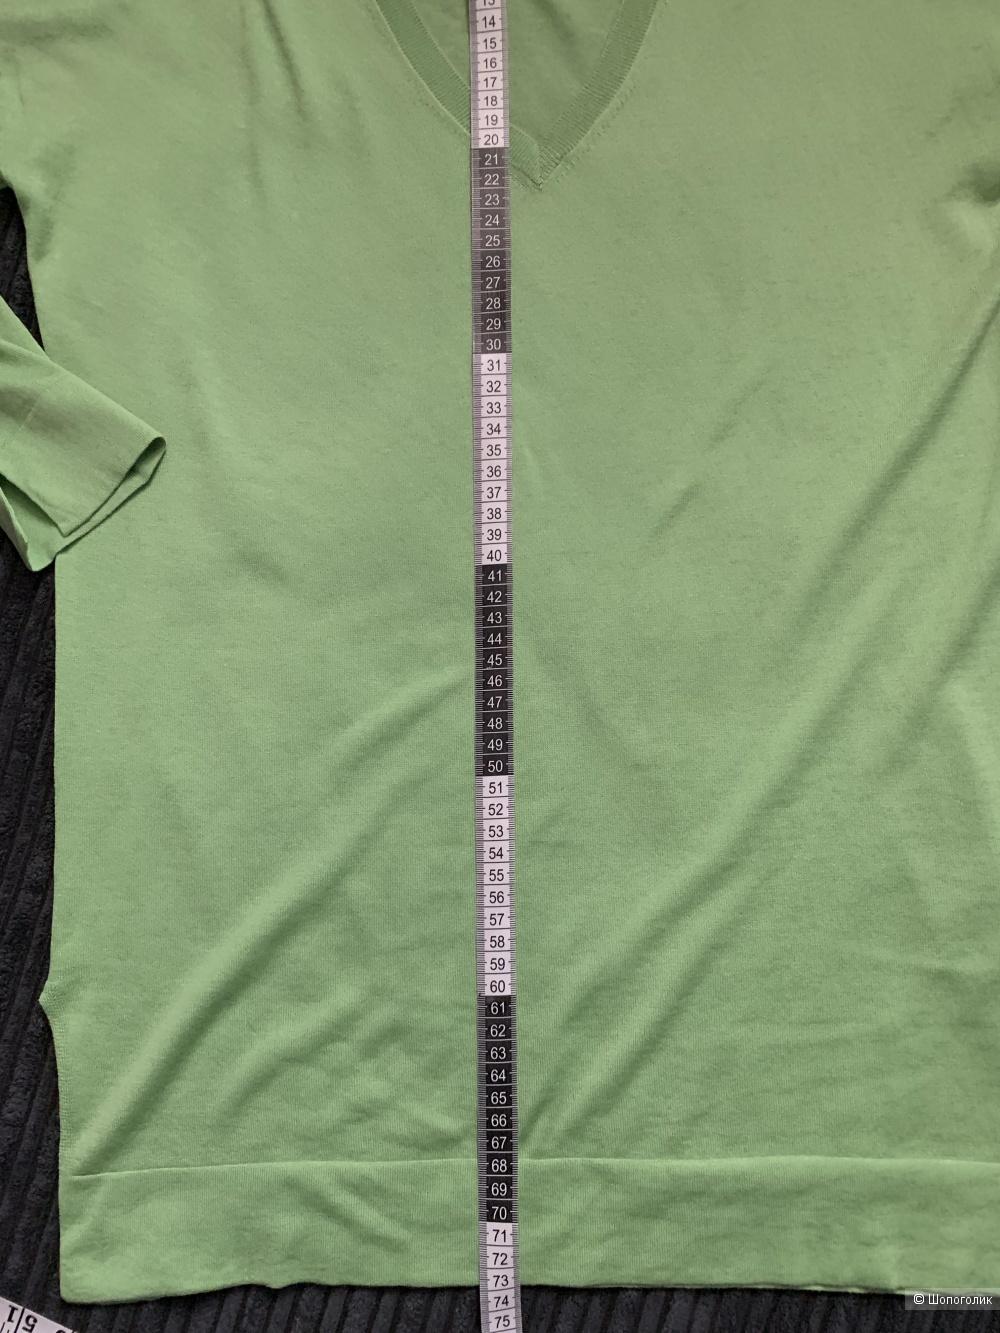 Джемпер шелковый SNOBBY SHEEP размер XS/S